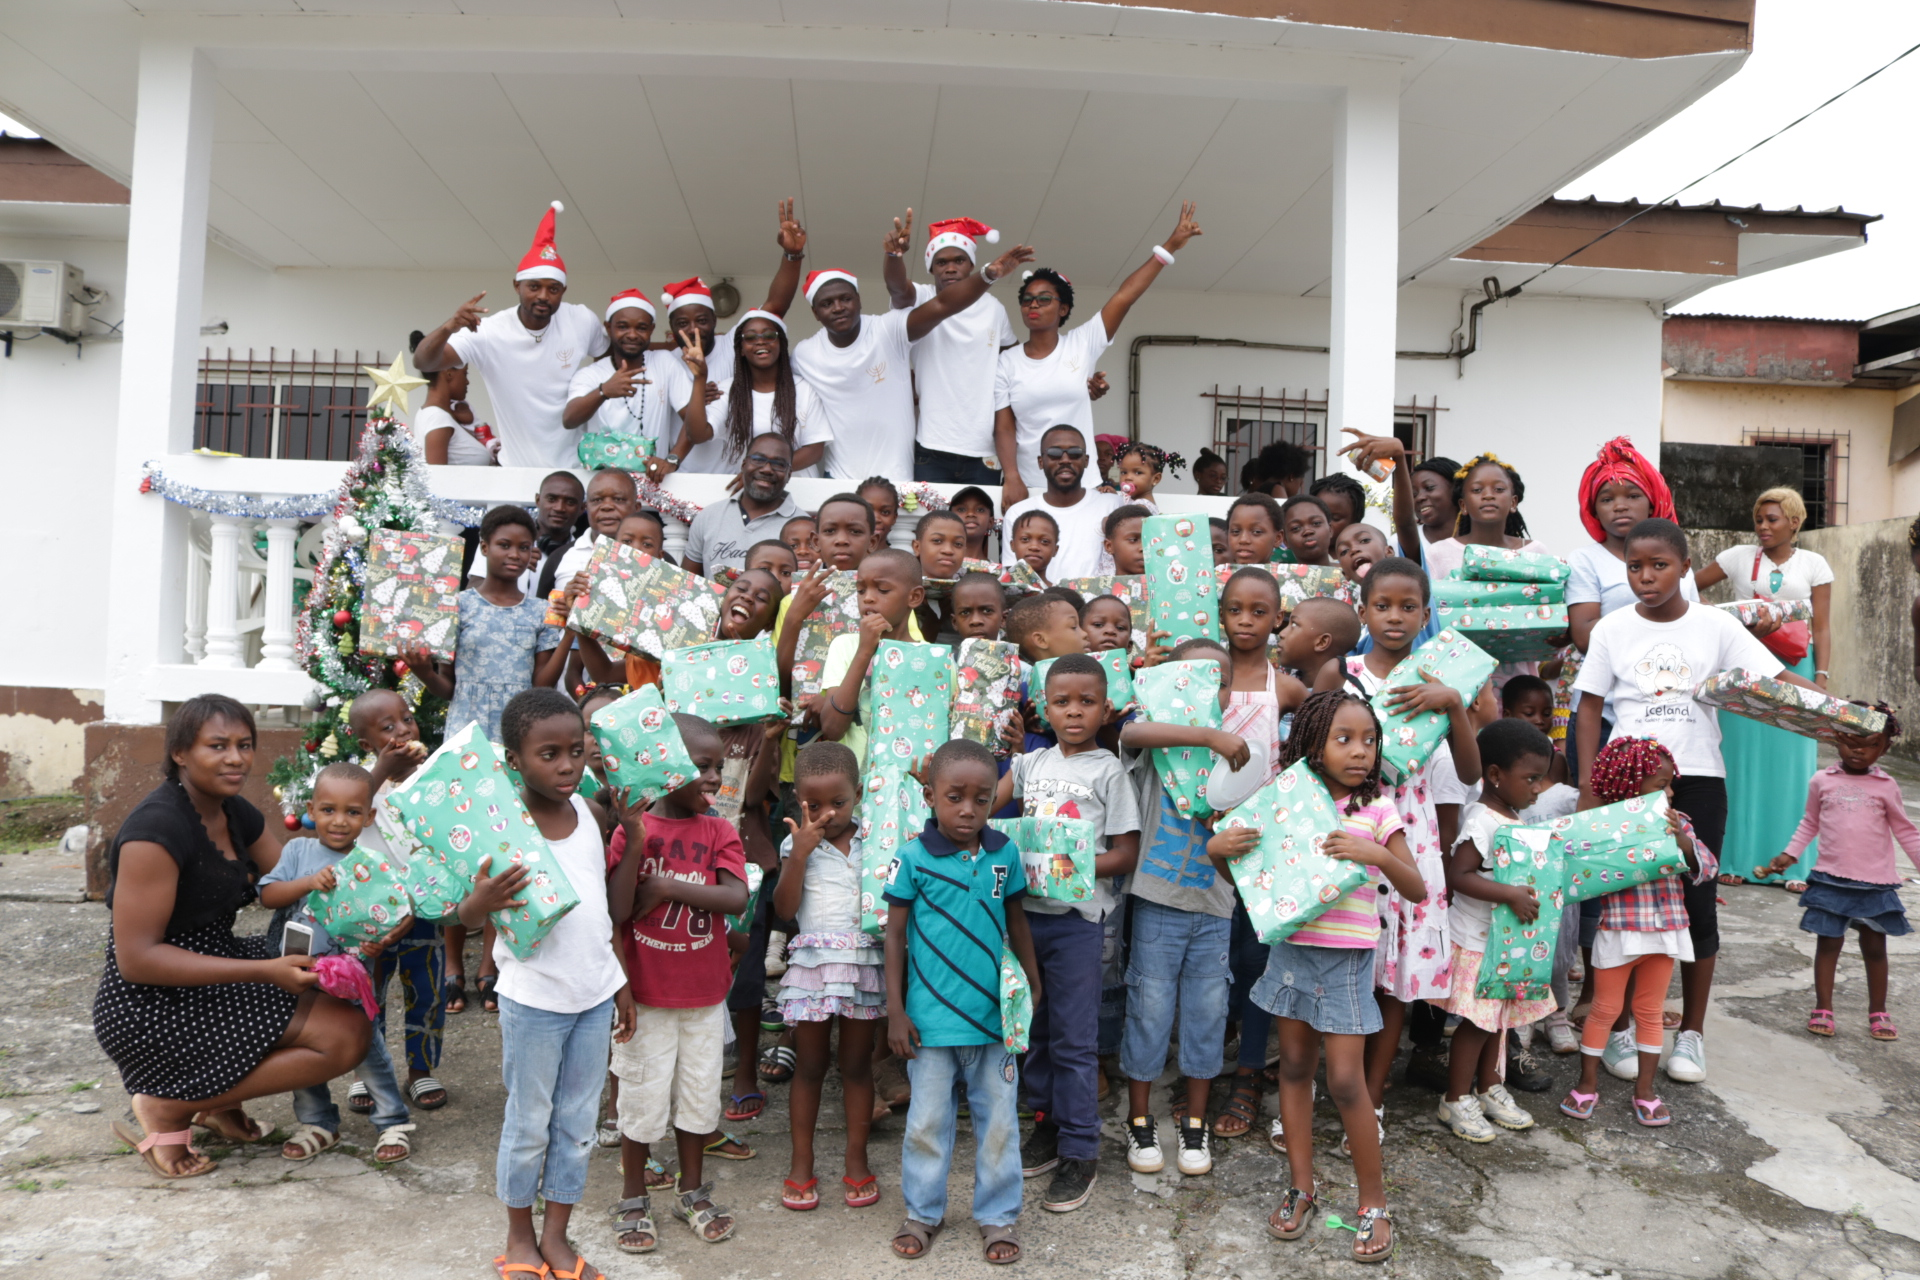 Le Père Noël auprès des enfants de Cocotiers